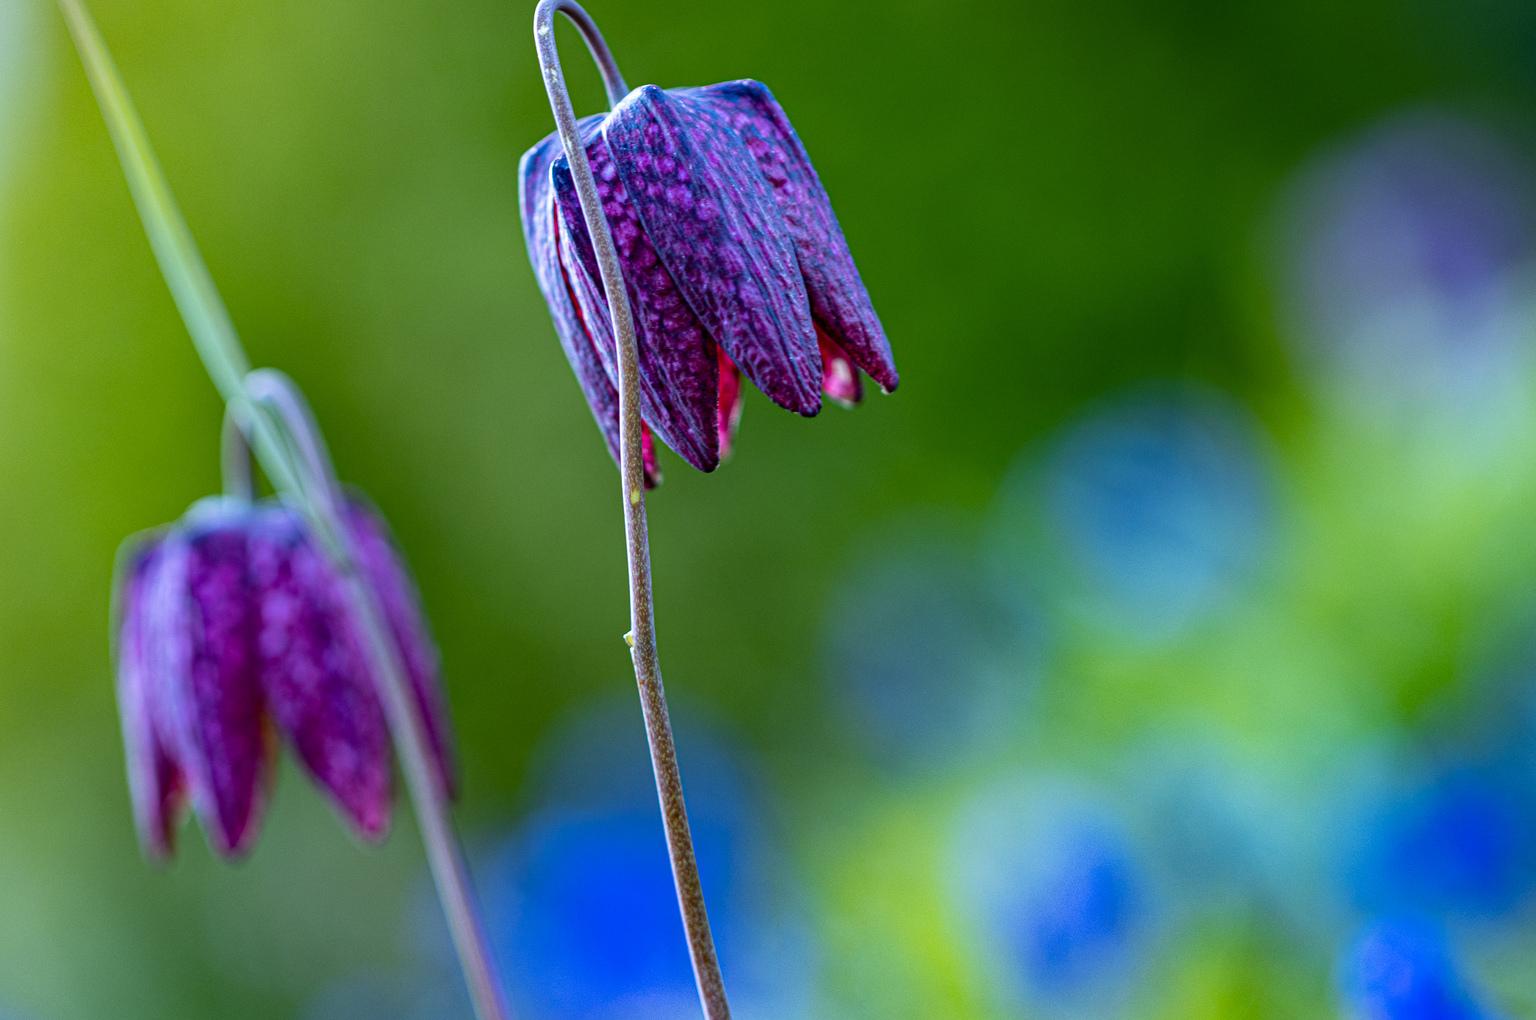 bloem - vrolijke kleuren - foto door gerjovl op 14-04-2021 - deze foto bevat: kleur,bloem, bloem, fabriek, blauw, plantkunde, purper, bloemblaadje, terrestrische plant, bloeiende plant, pedicel, detailopname